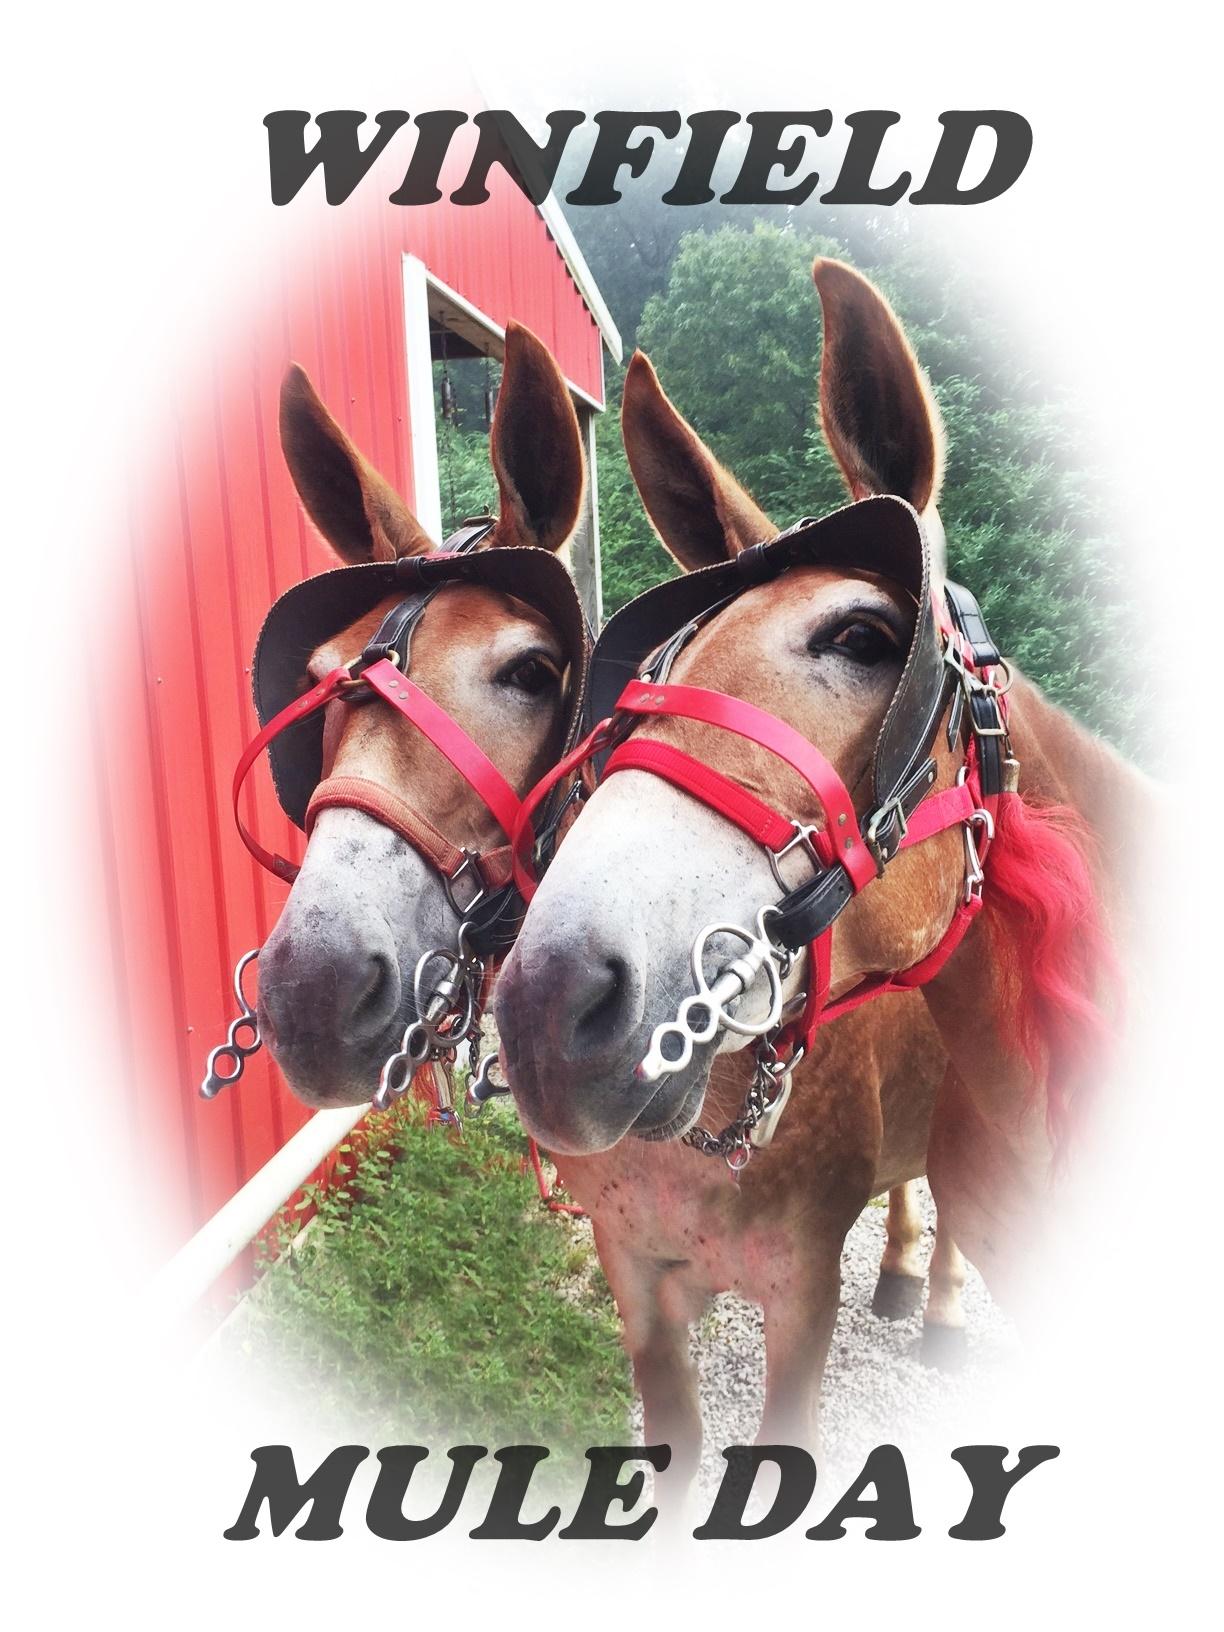 Winfield Mule Day